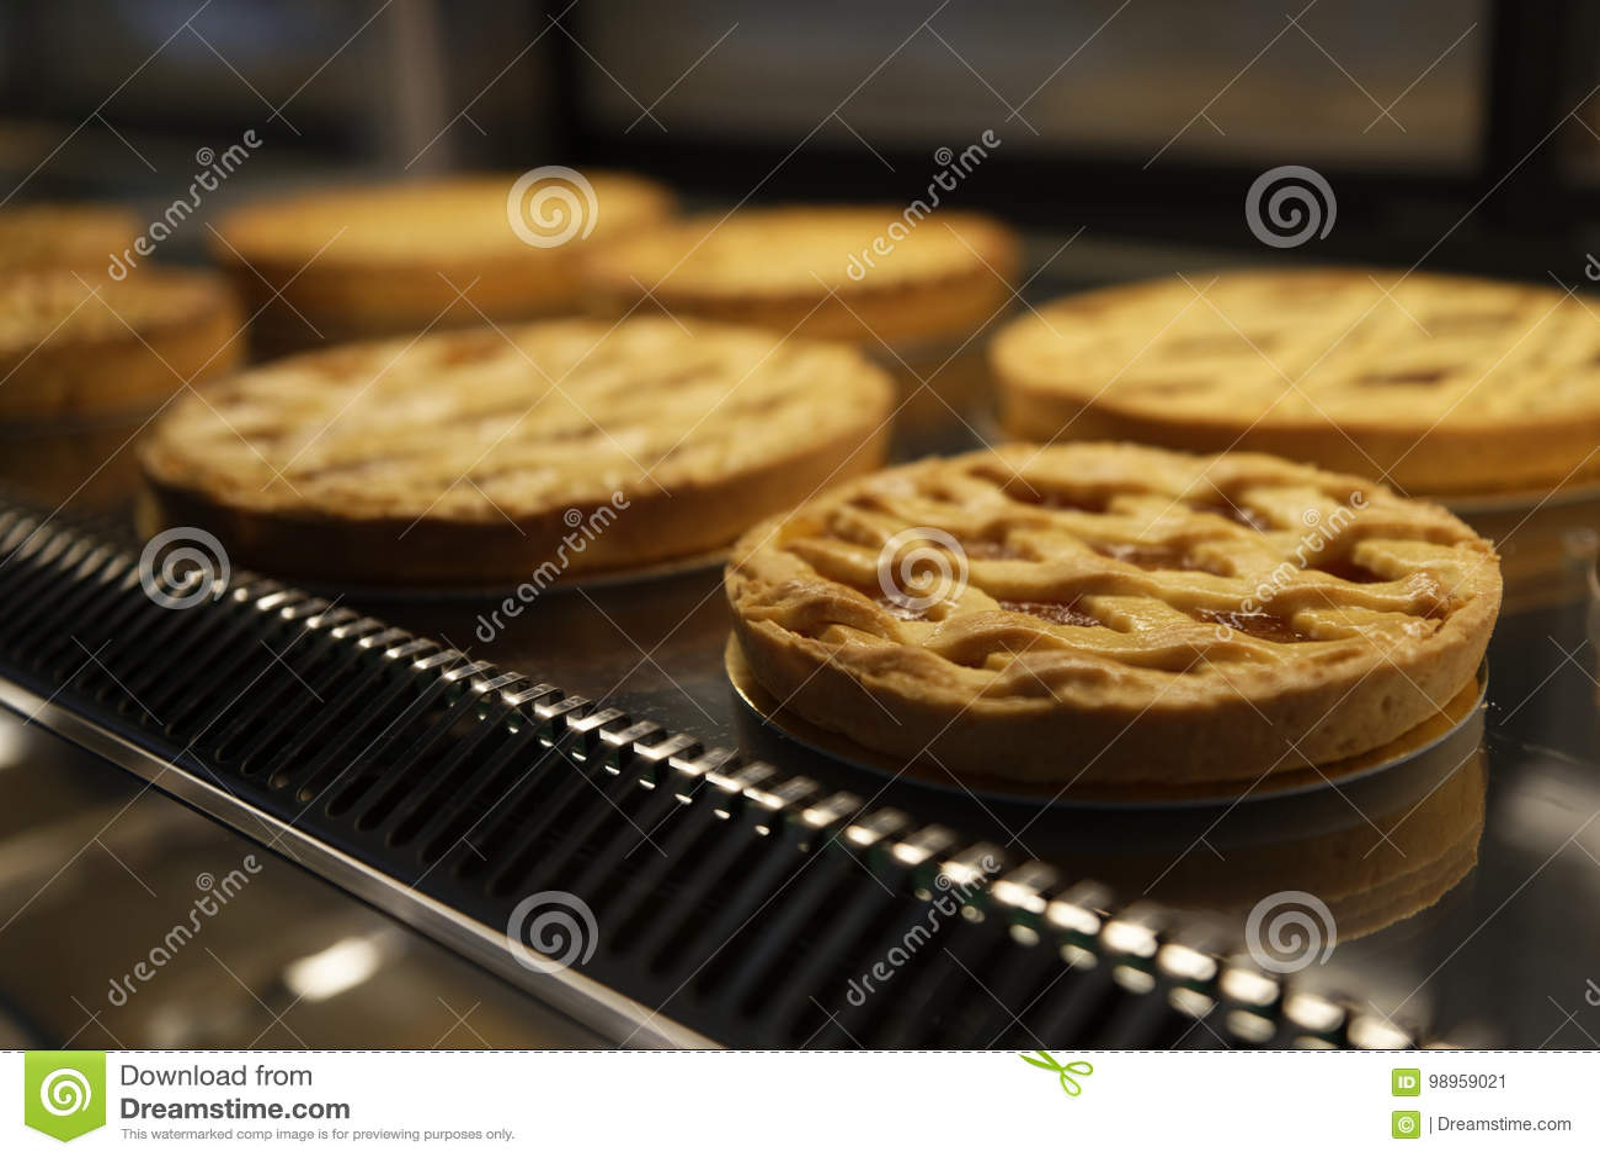 Kostliche Kuchen In Sussigkeiten Stockbild Bild Von Nachtisch